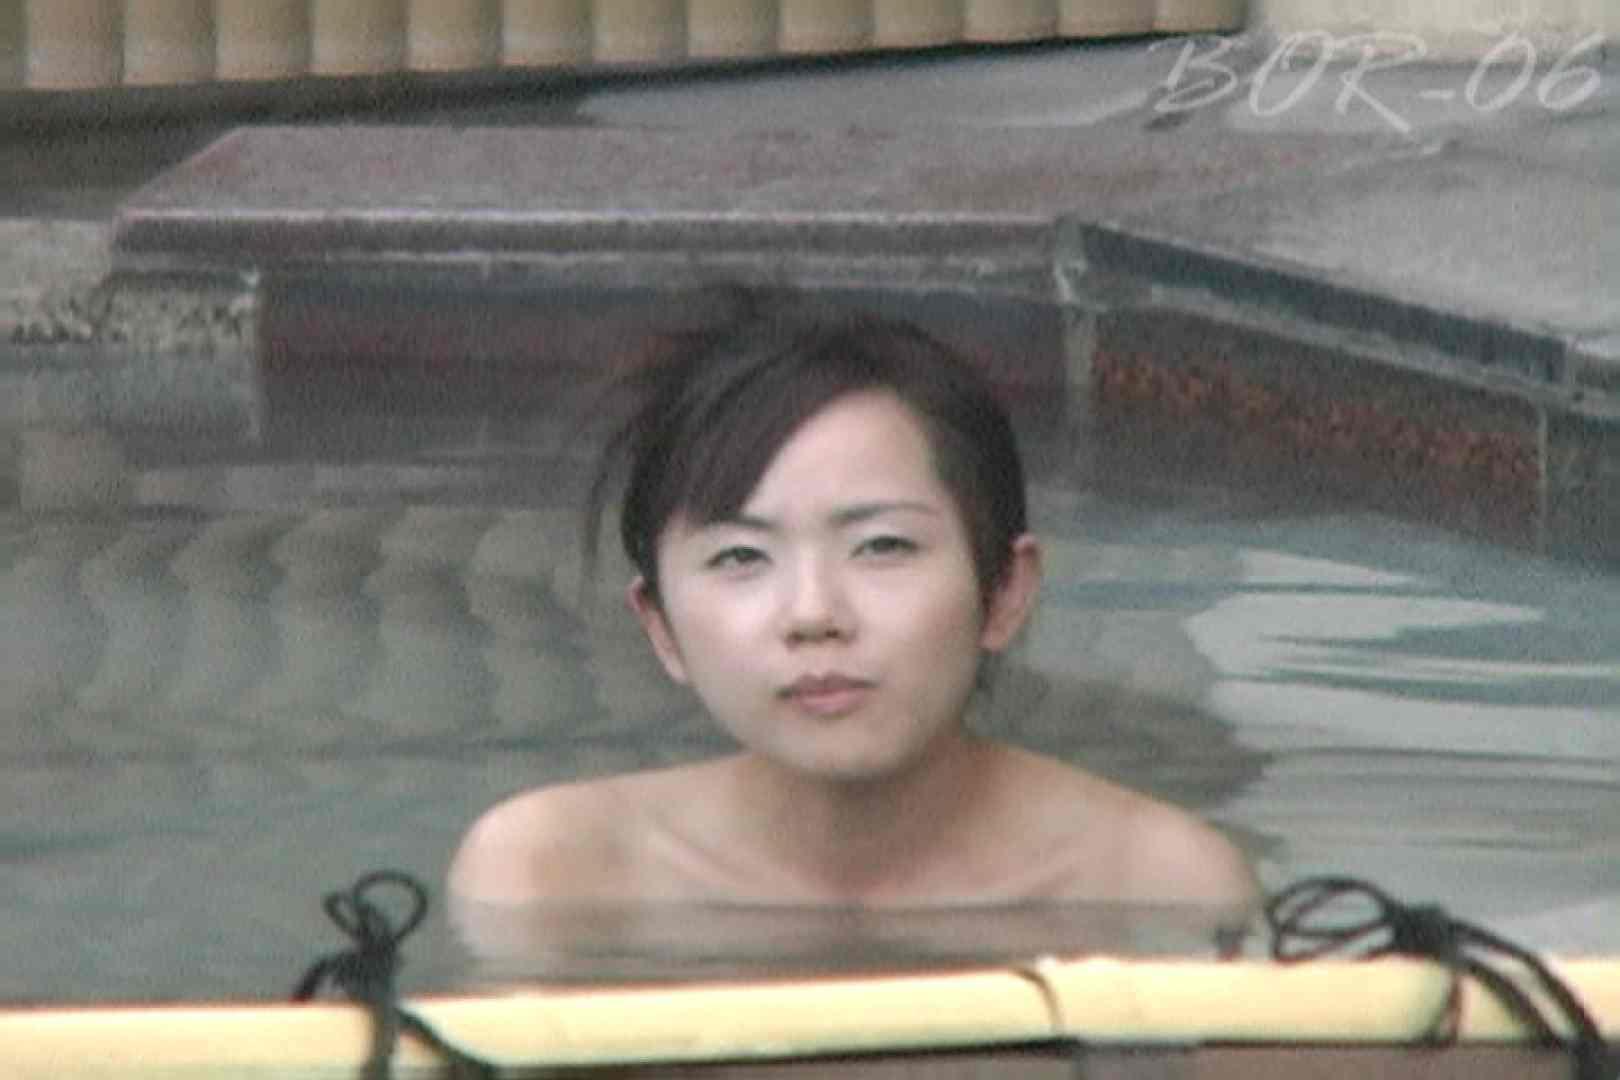 Aquaな露天風呂Vol.521 露天 | 盗撮  96pic 49